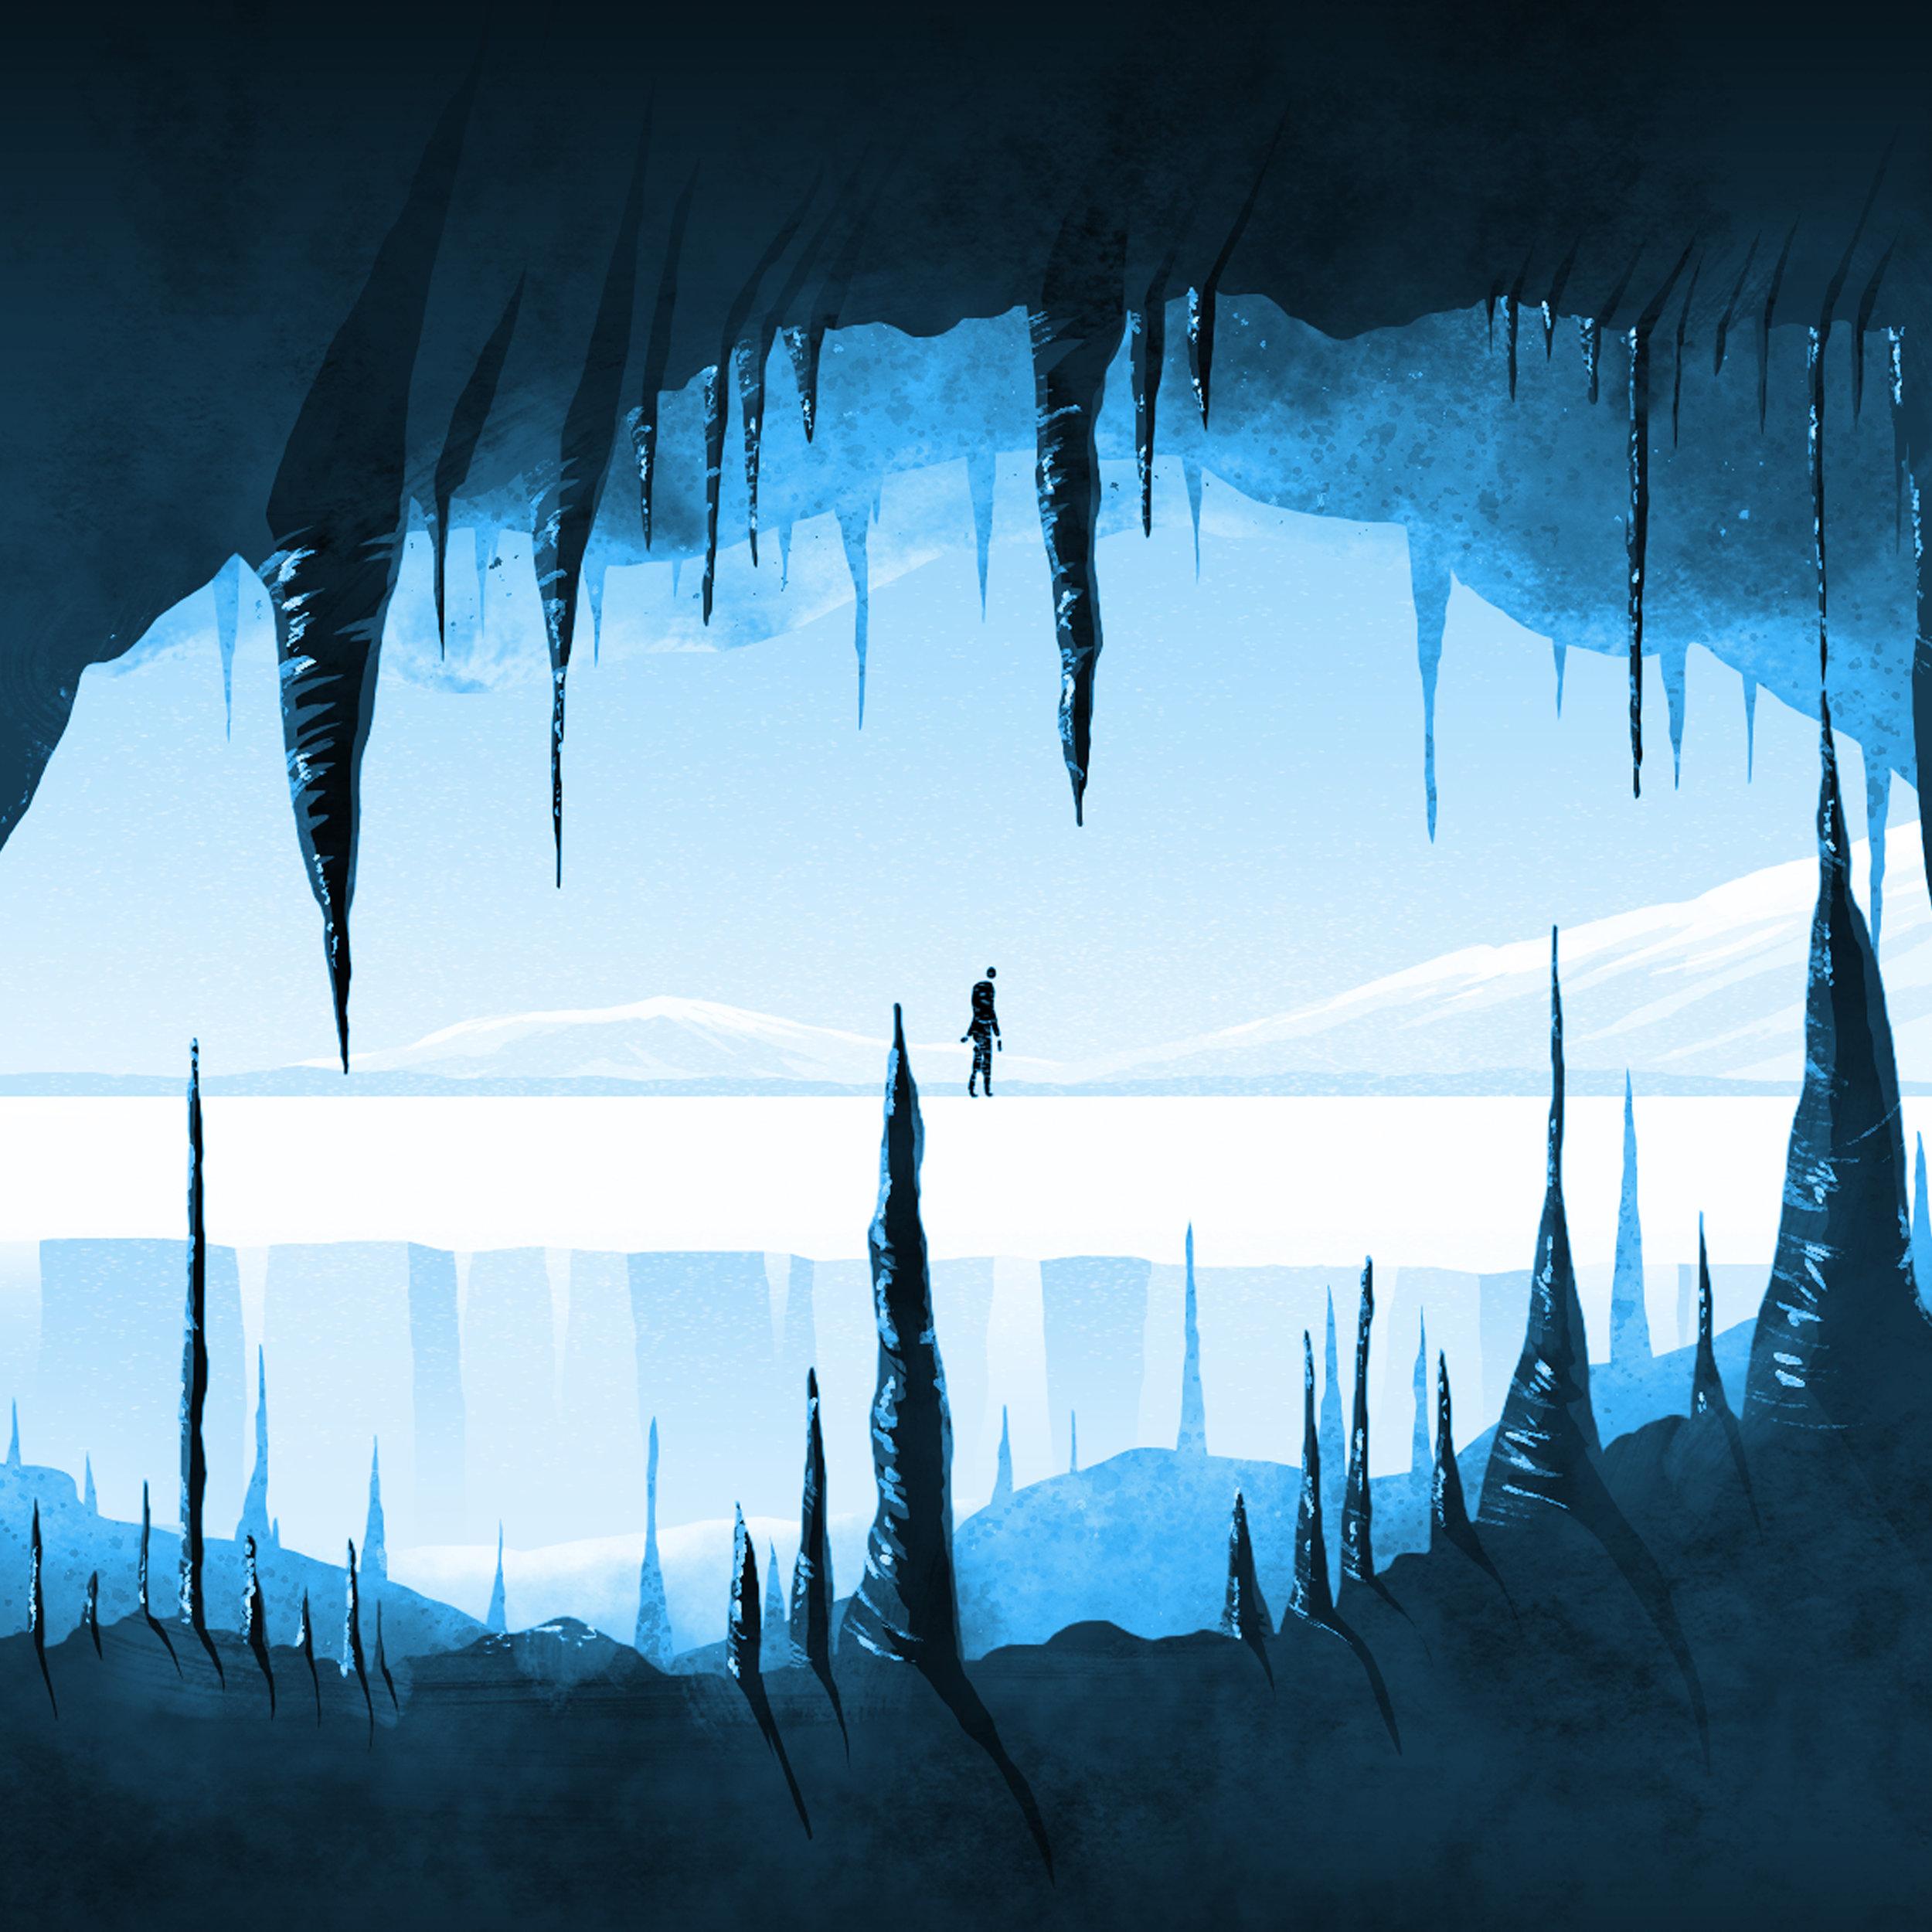 Cave_02Noon.jpg